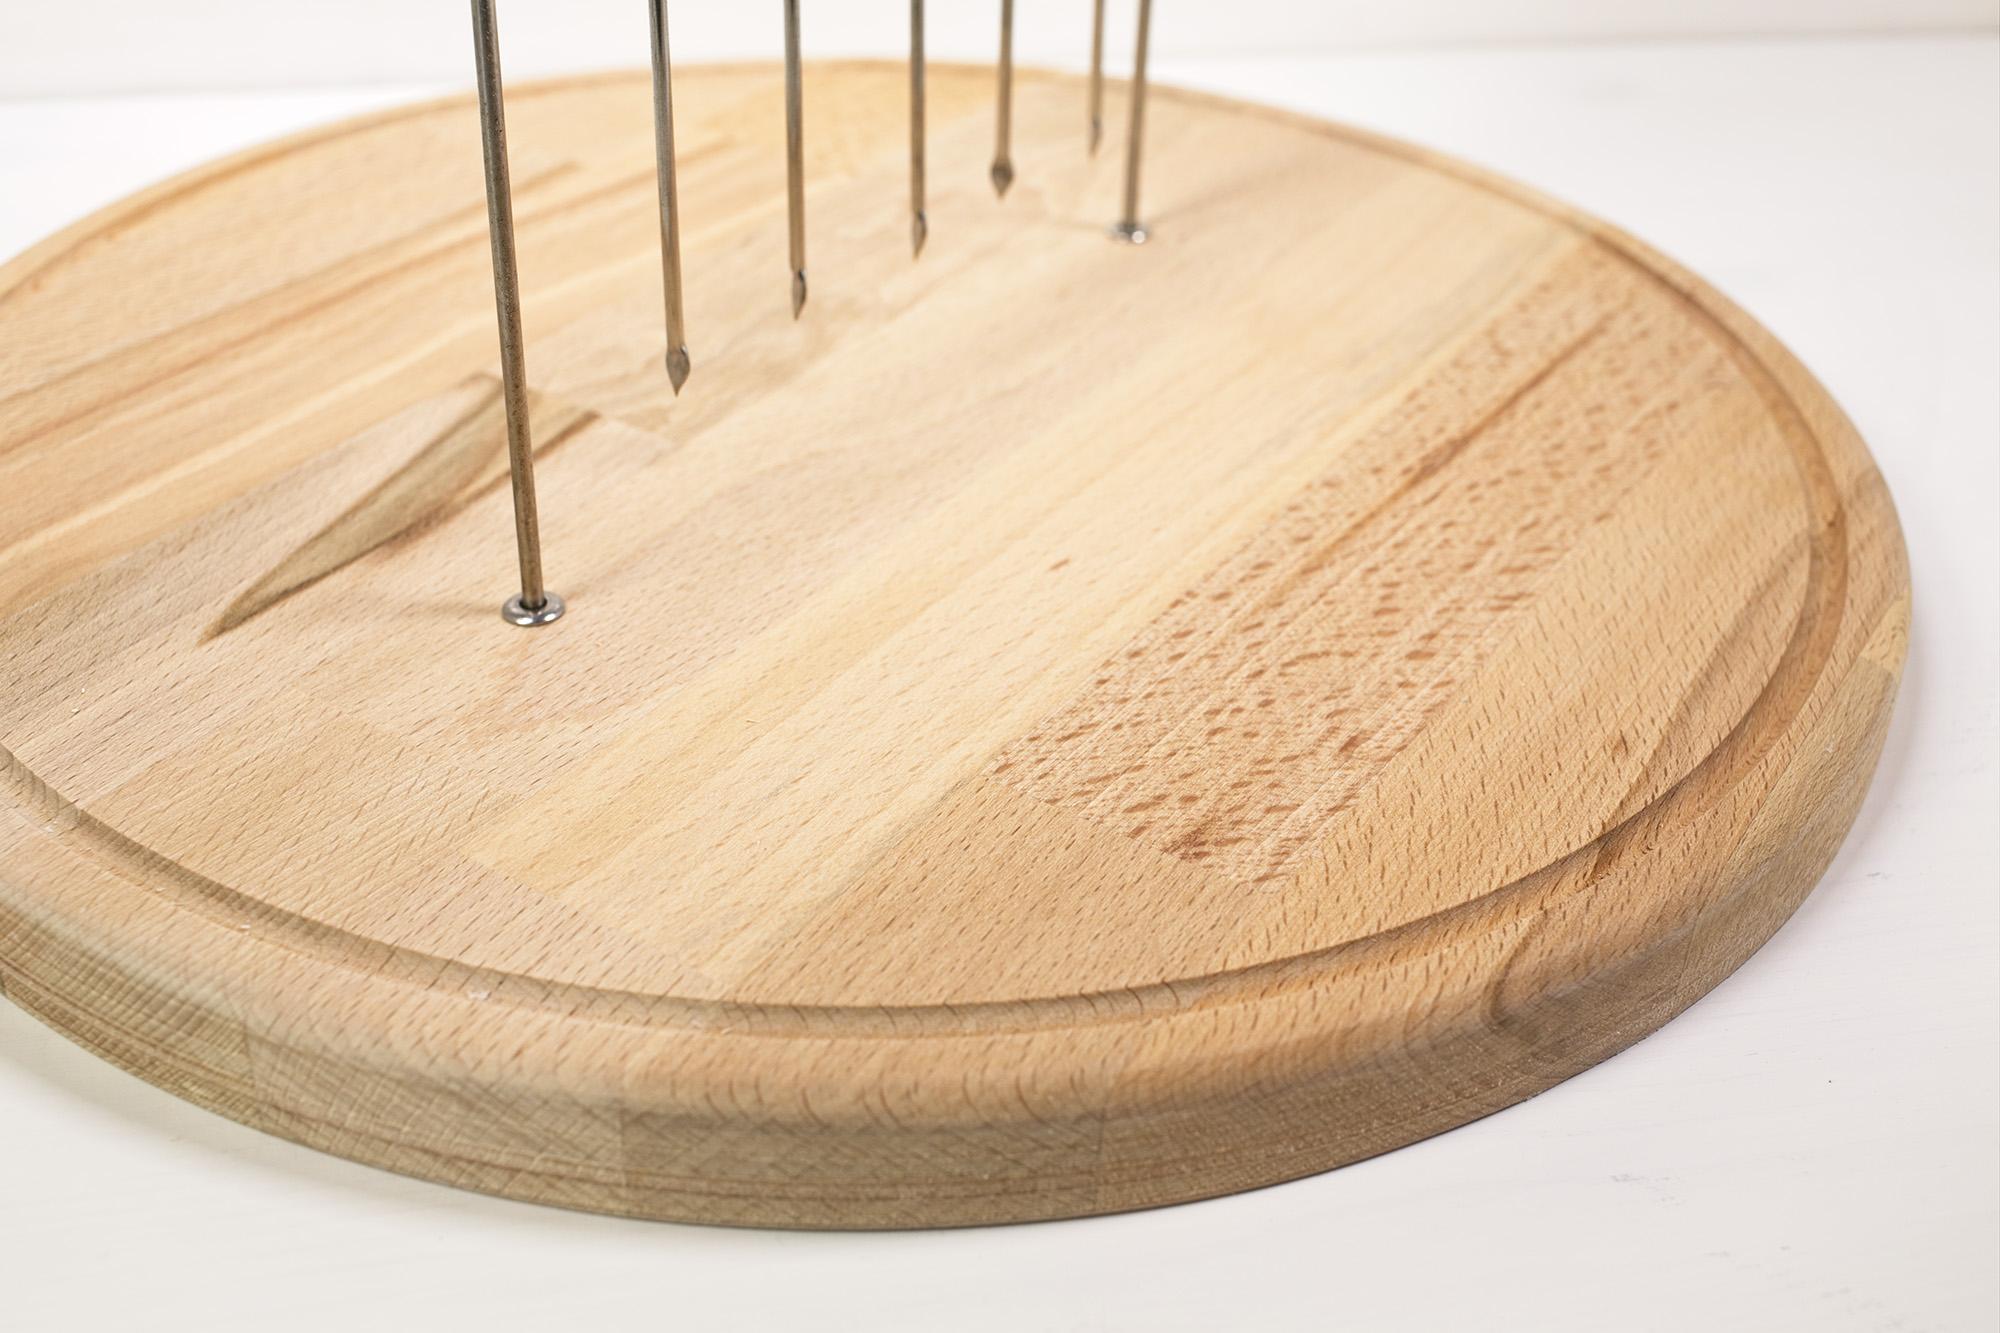 Woodhouse Portaspiedini Versione Circolare